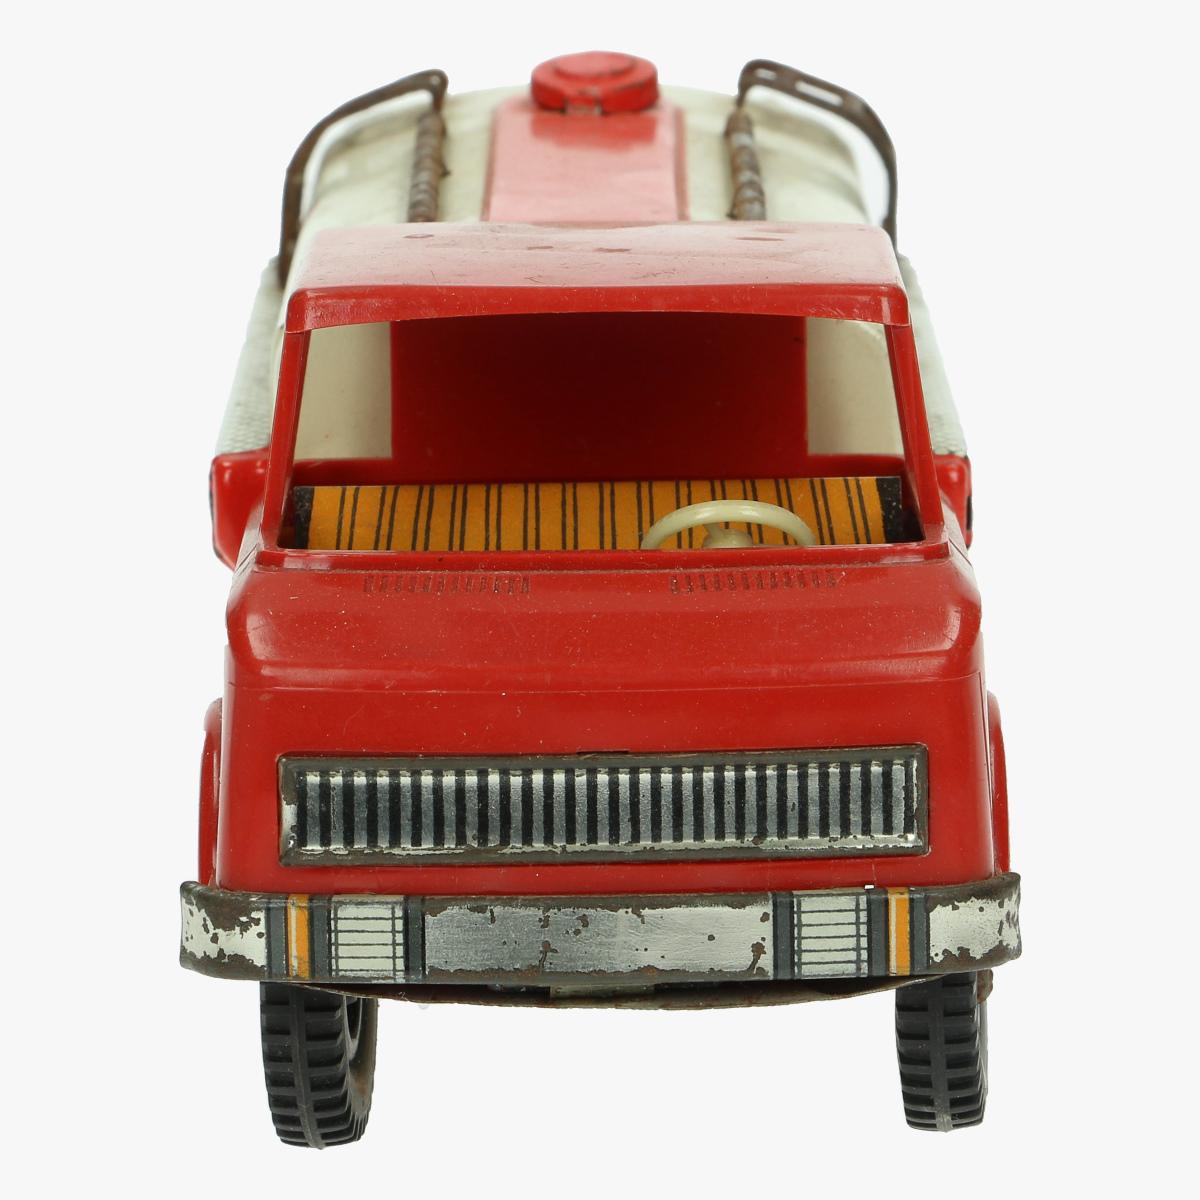 Afbeeldingen van esso tankwagen blik plast